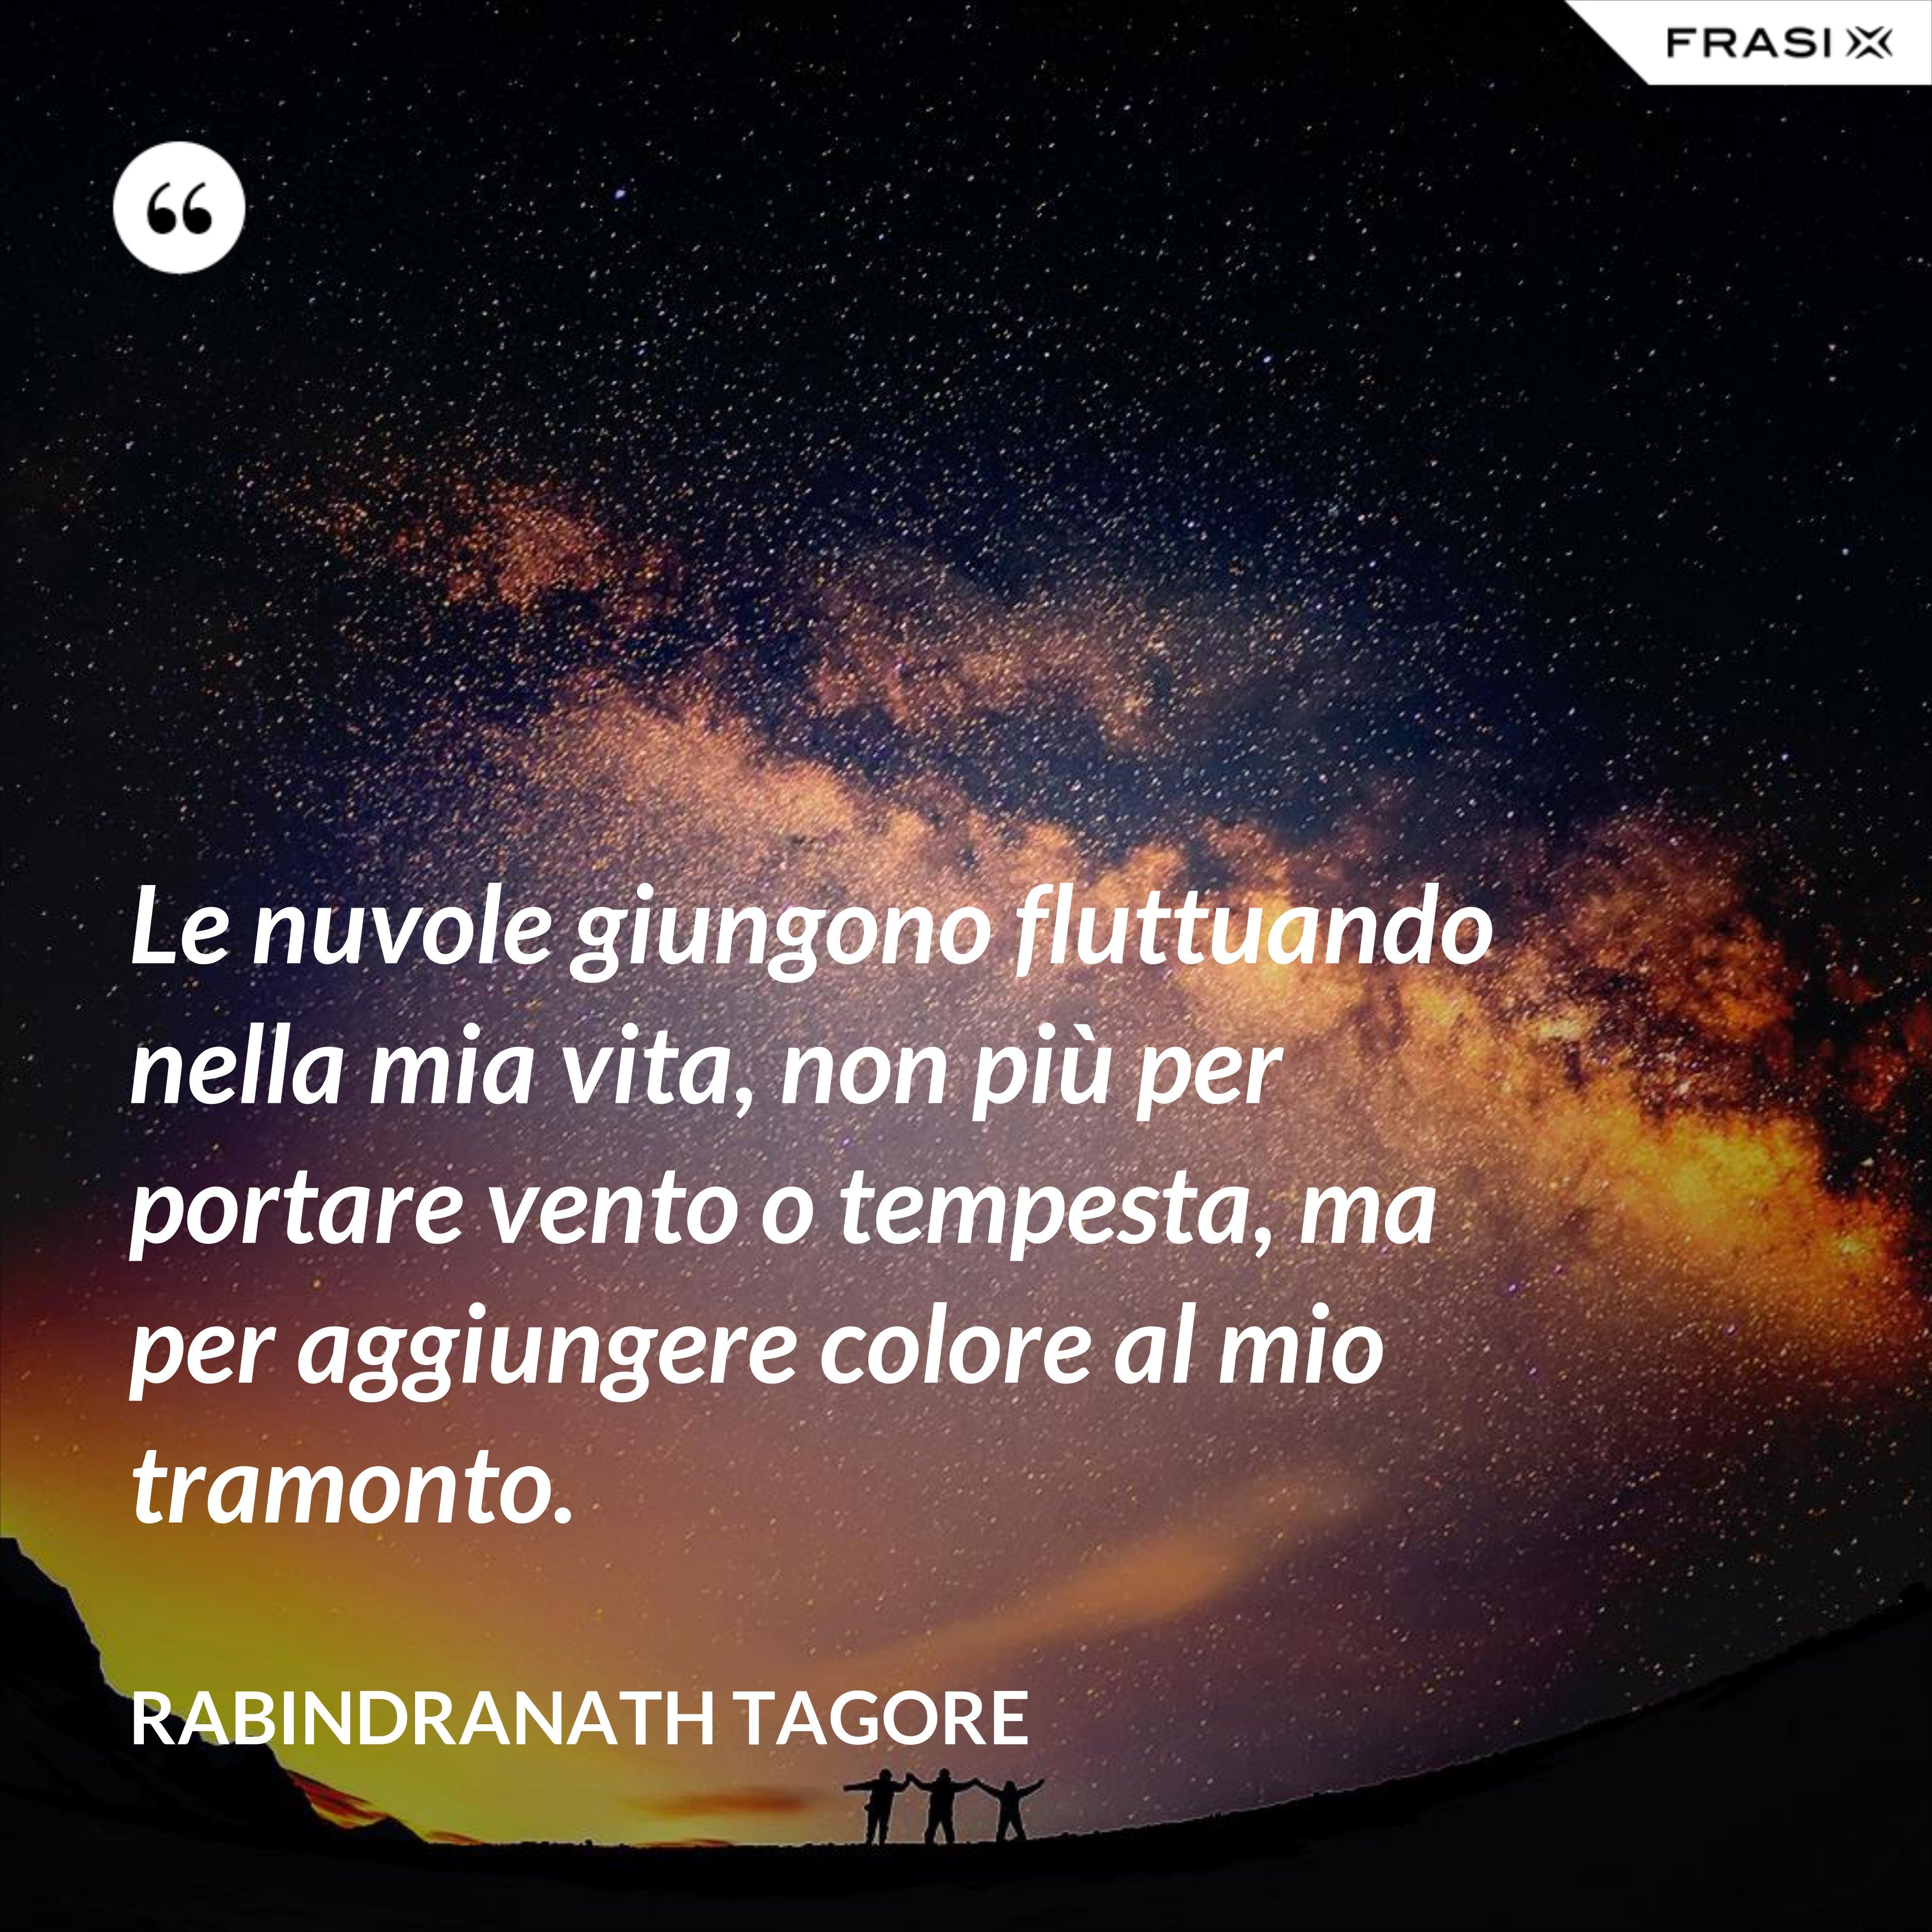 Le nuvole giungono fluttuando nella mia vita, non più per portare vento o tempesta, ma per aggiungere colore al mio tramonto. - Rabindranath Tagore